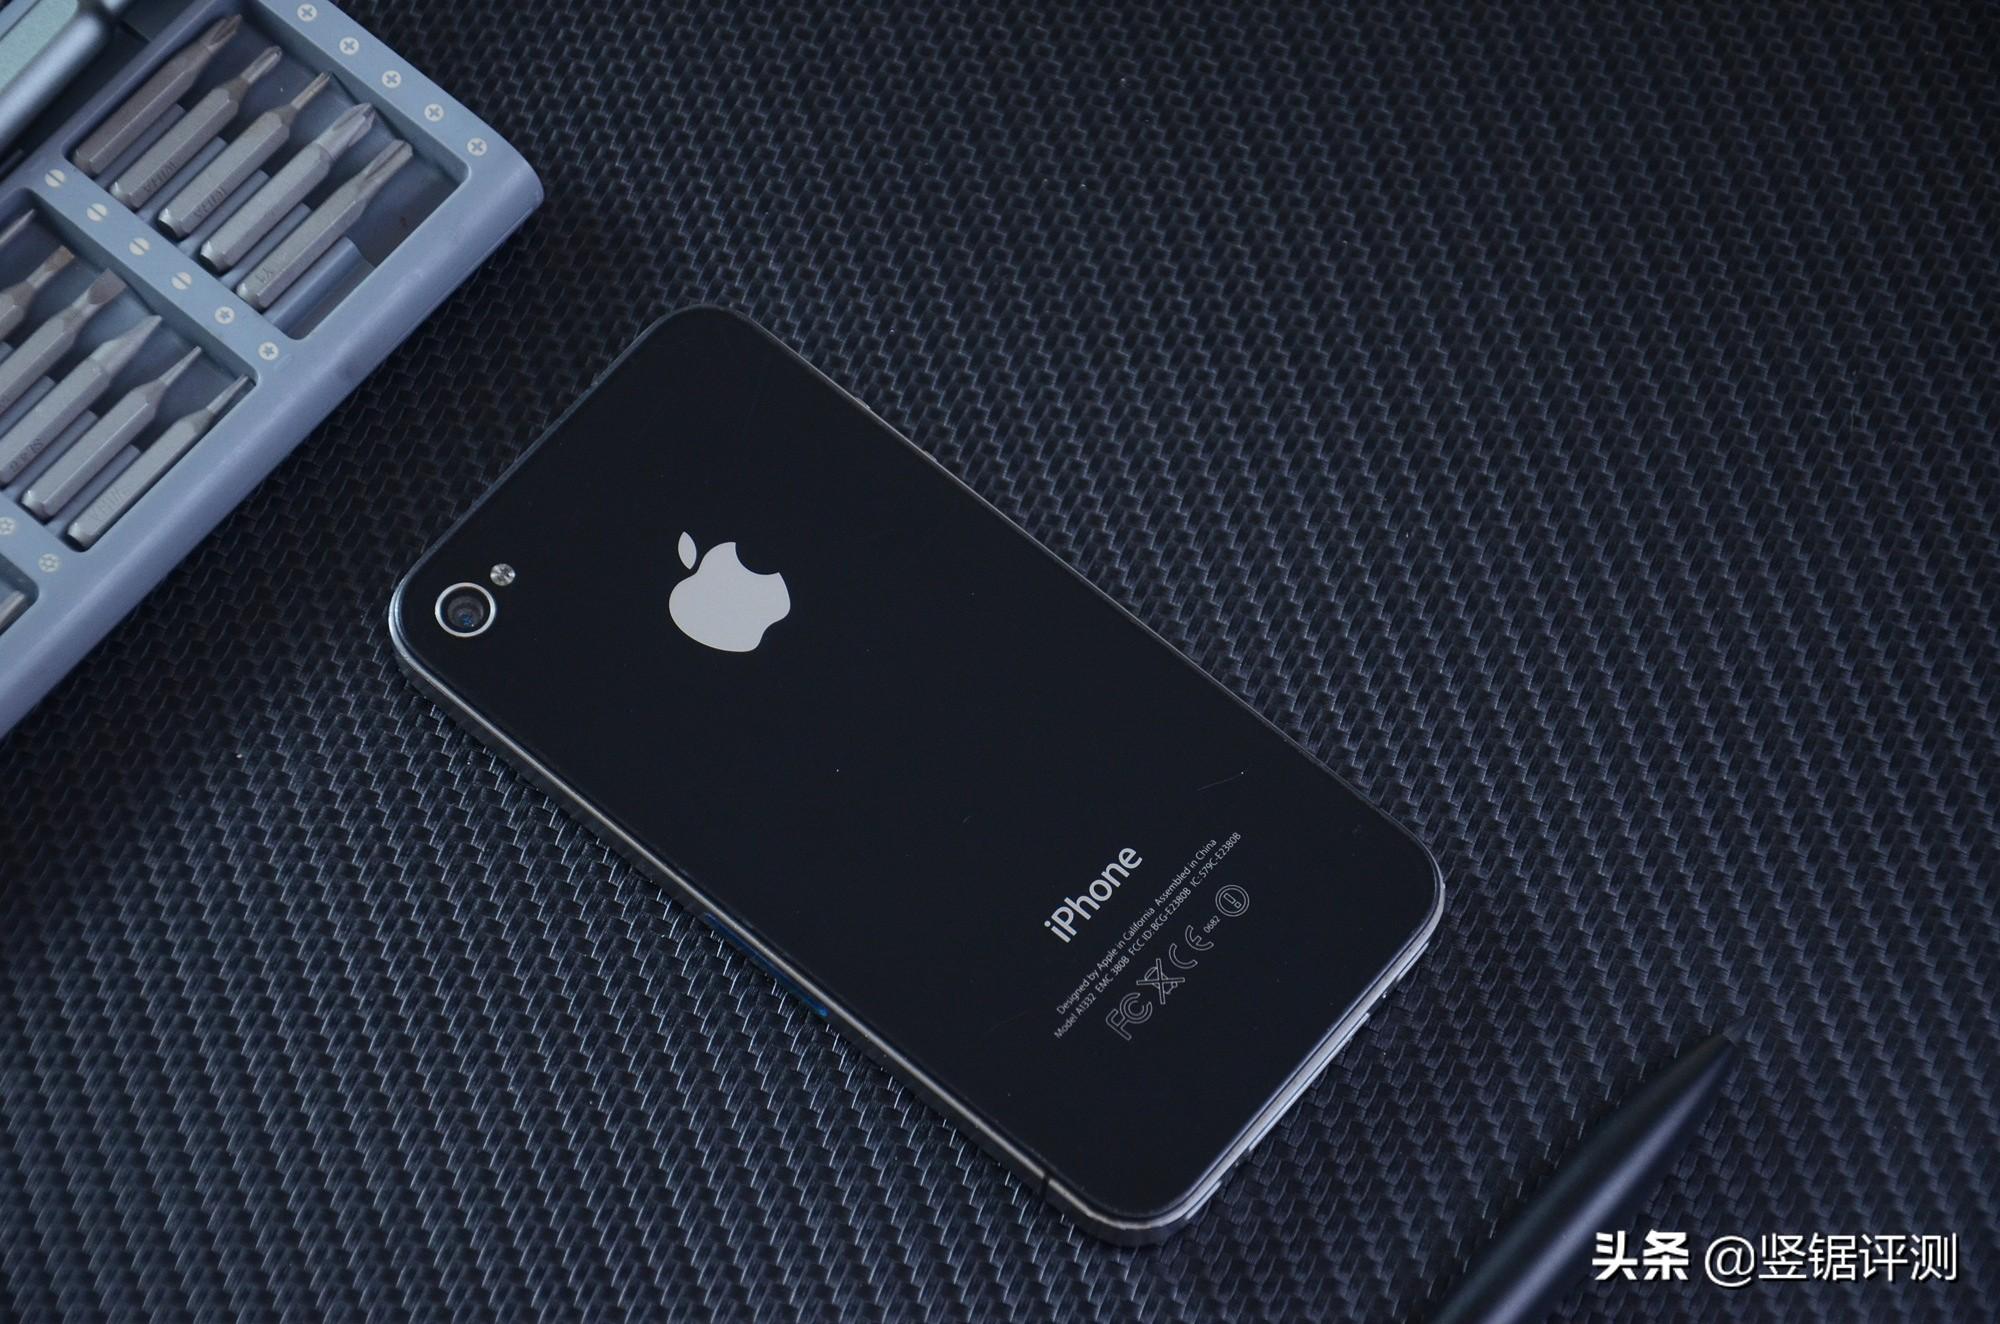 重温经典的iPhone 4手机,现在还能下载应用么?